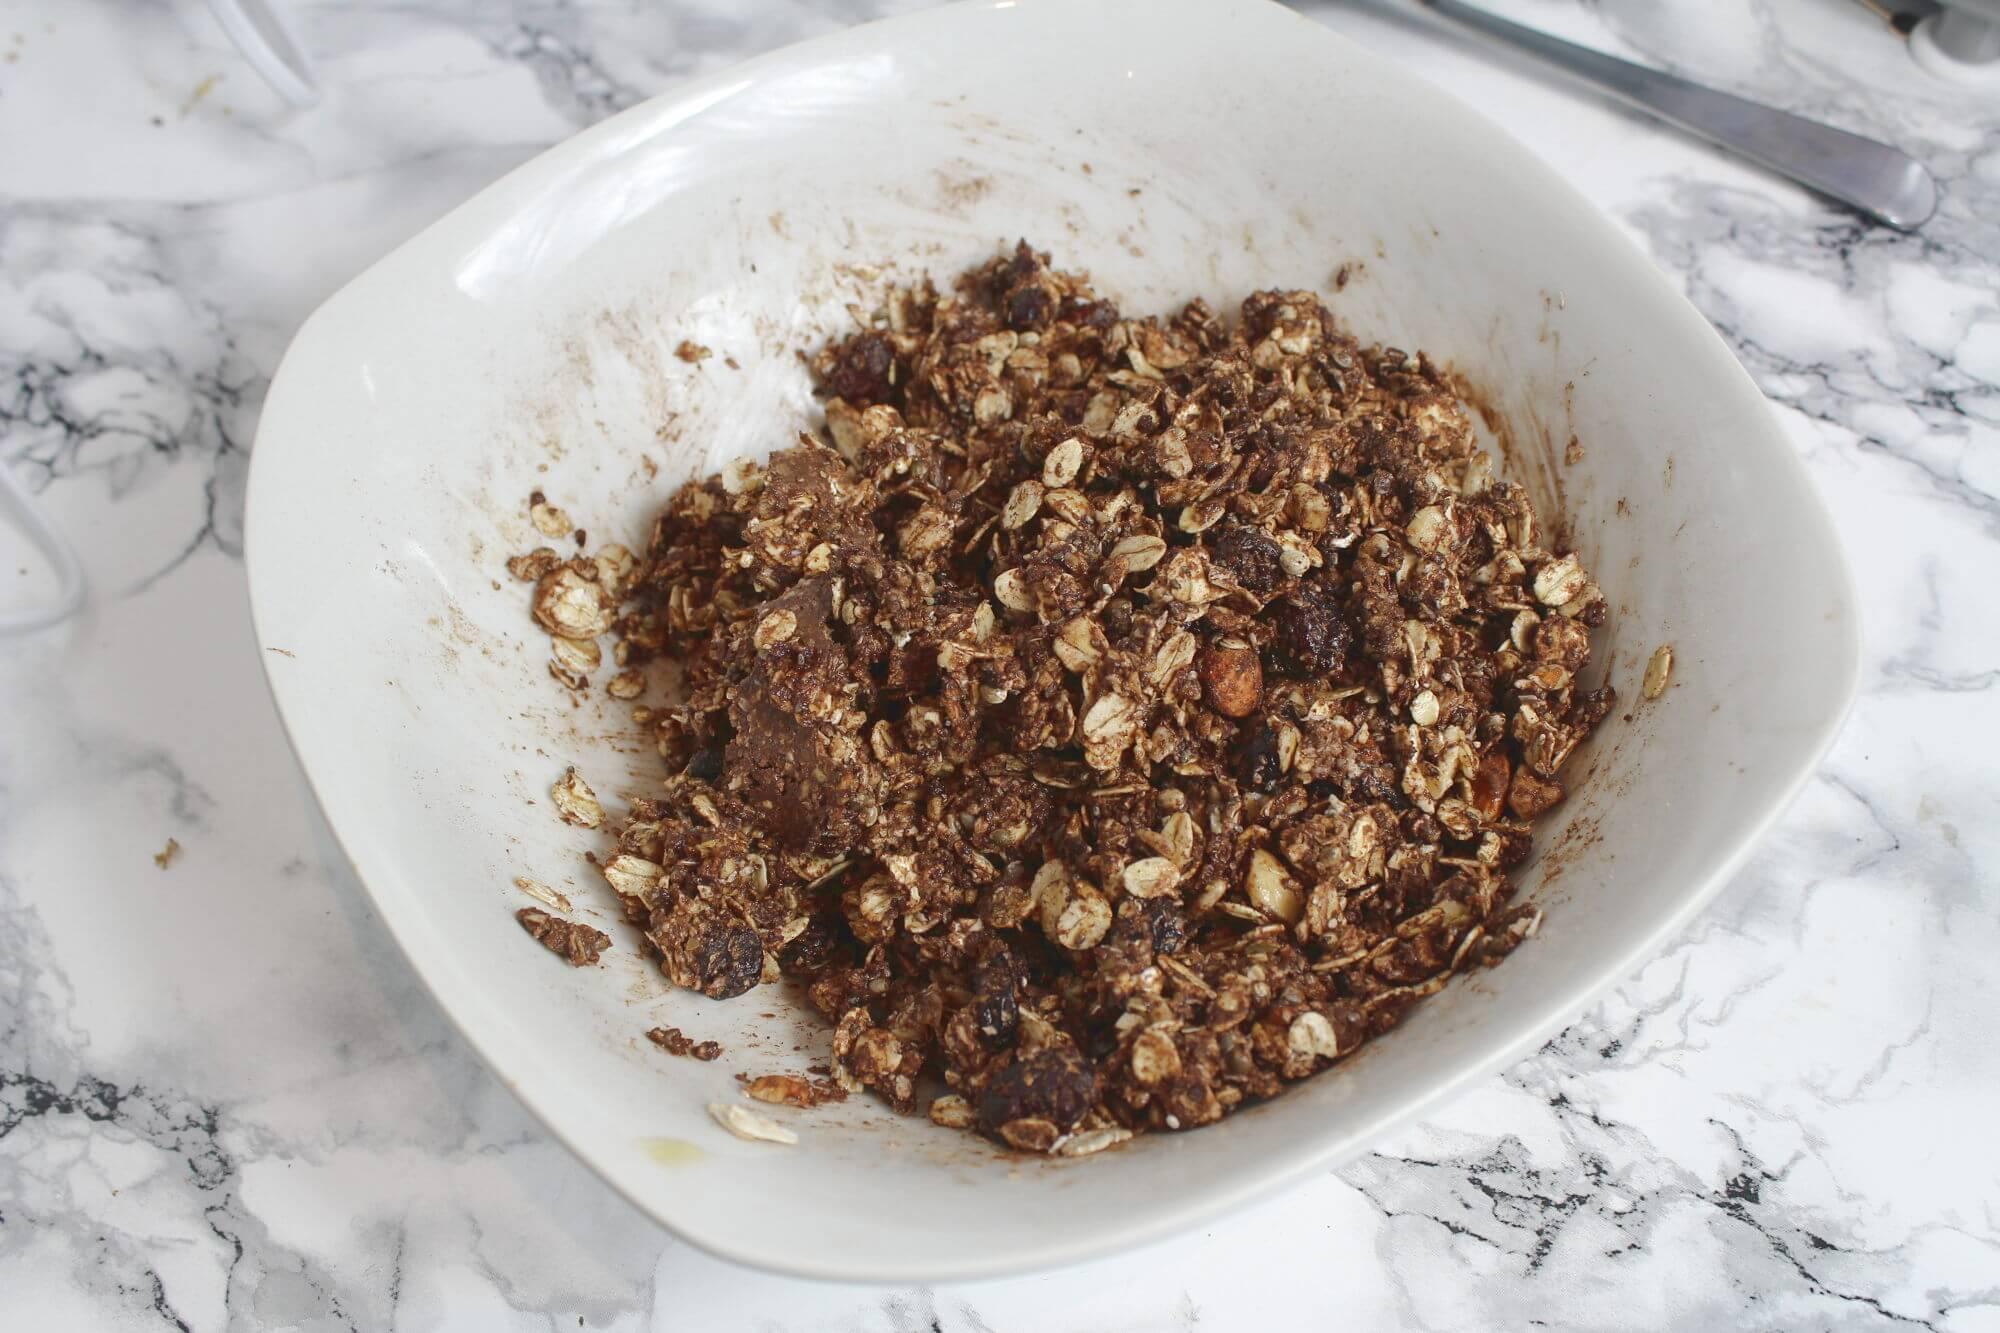 Knuspermüsli selber machen Zutaten vermischt